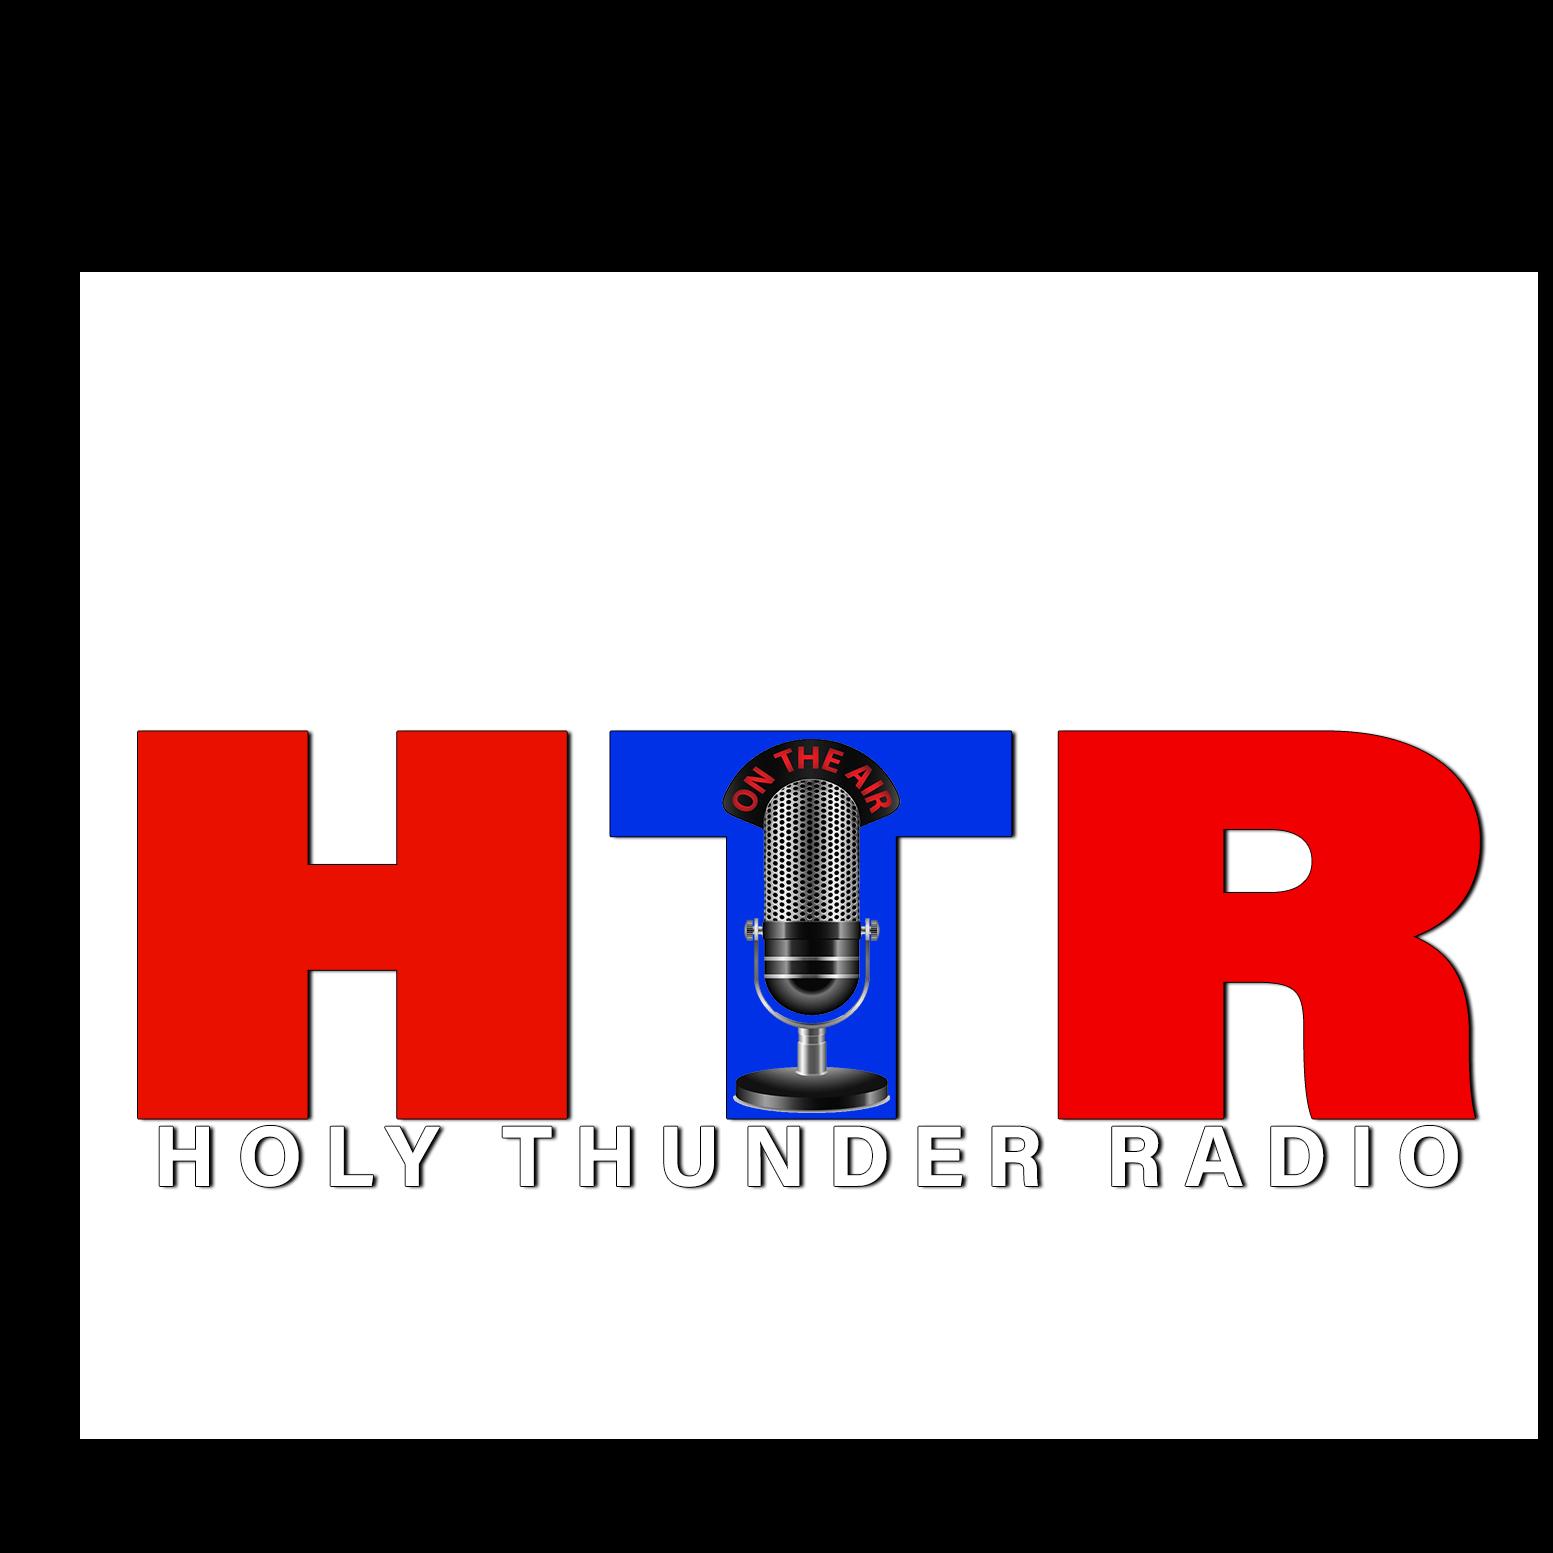 holy thunder radio